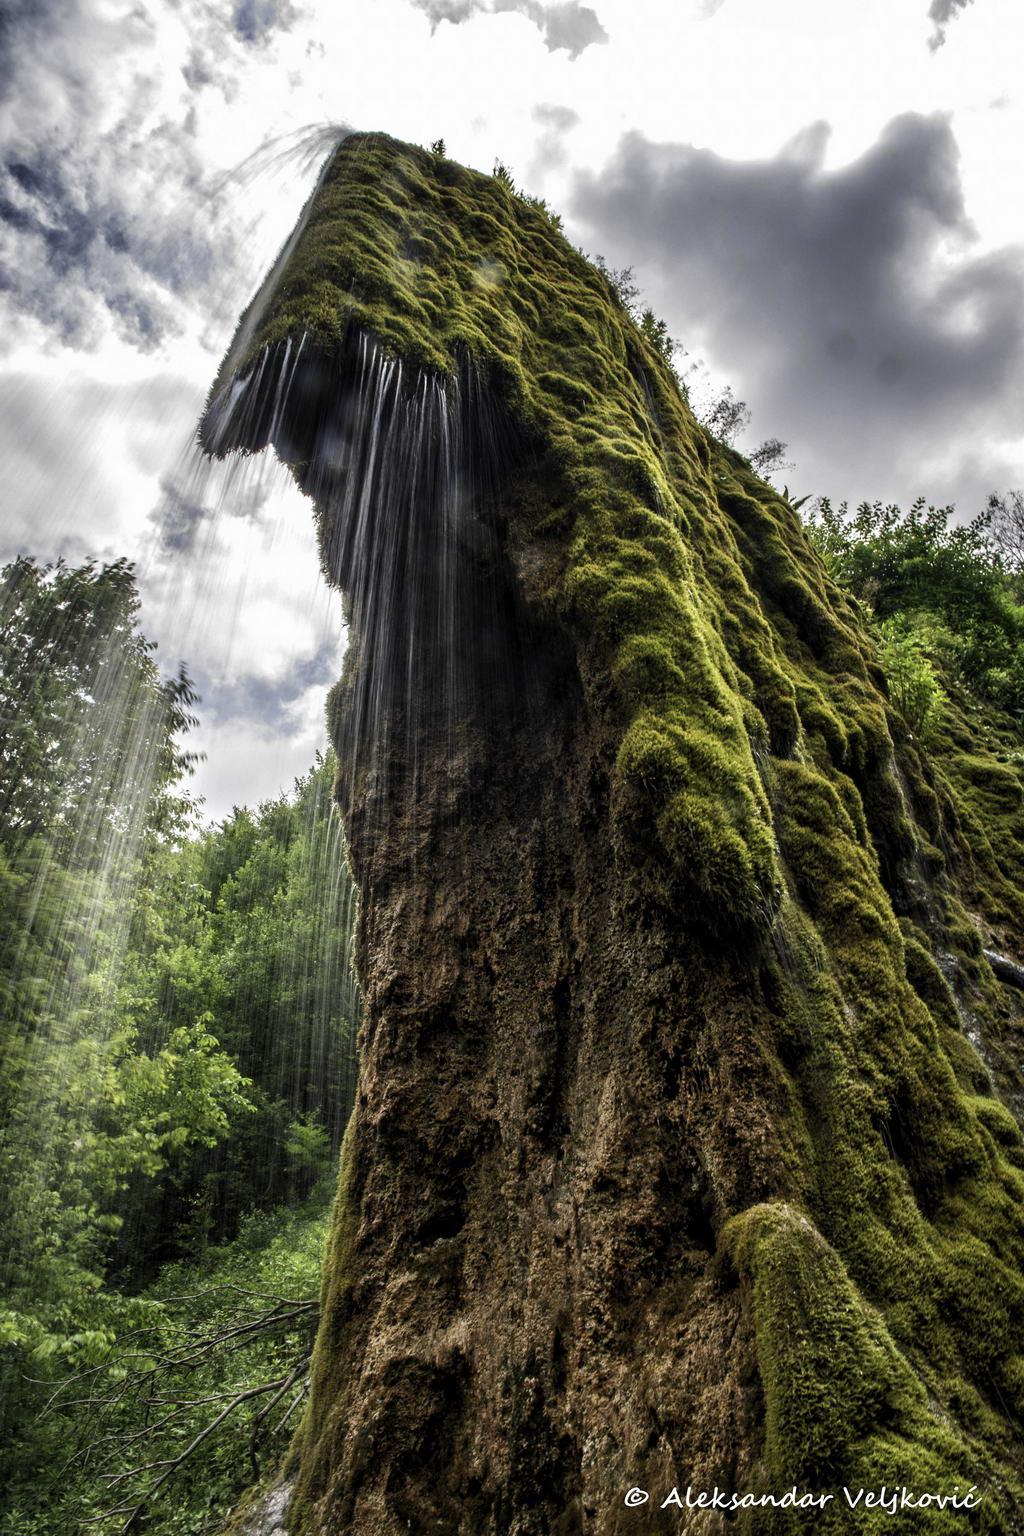 Prskalo waterfall, portrait